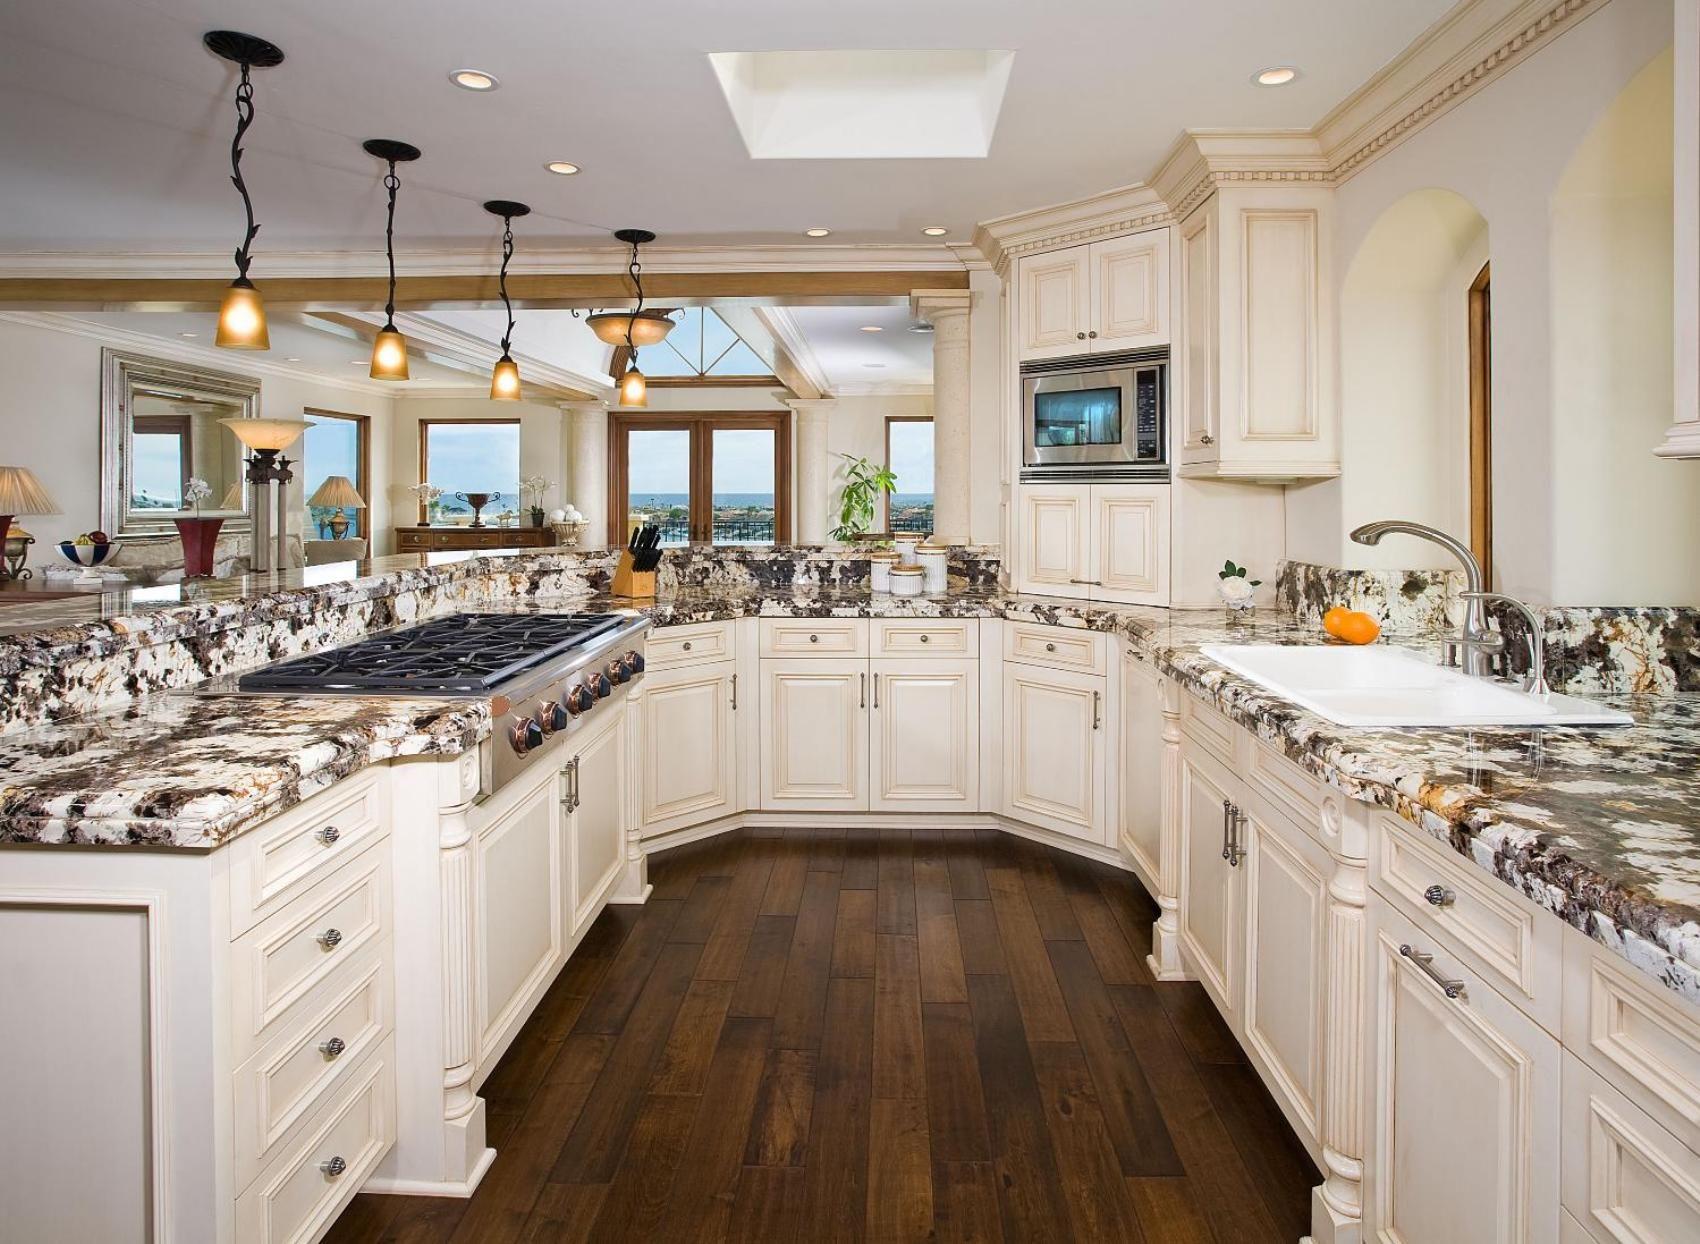 Küchendesign für zuhause küche design galerie die jeder zuhause kochen muss um zu sehen